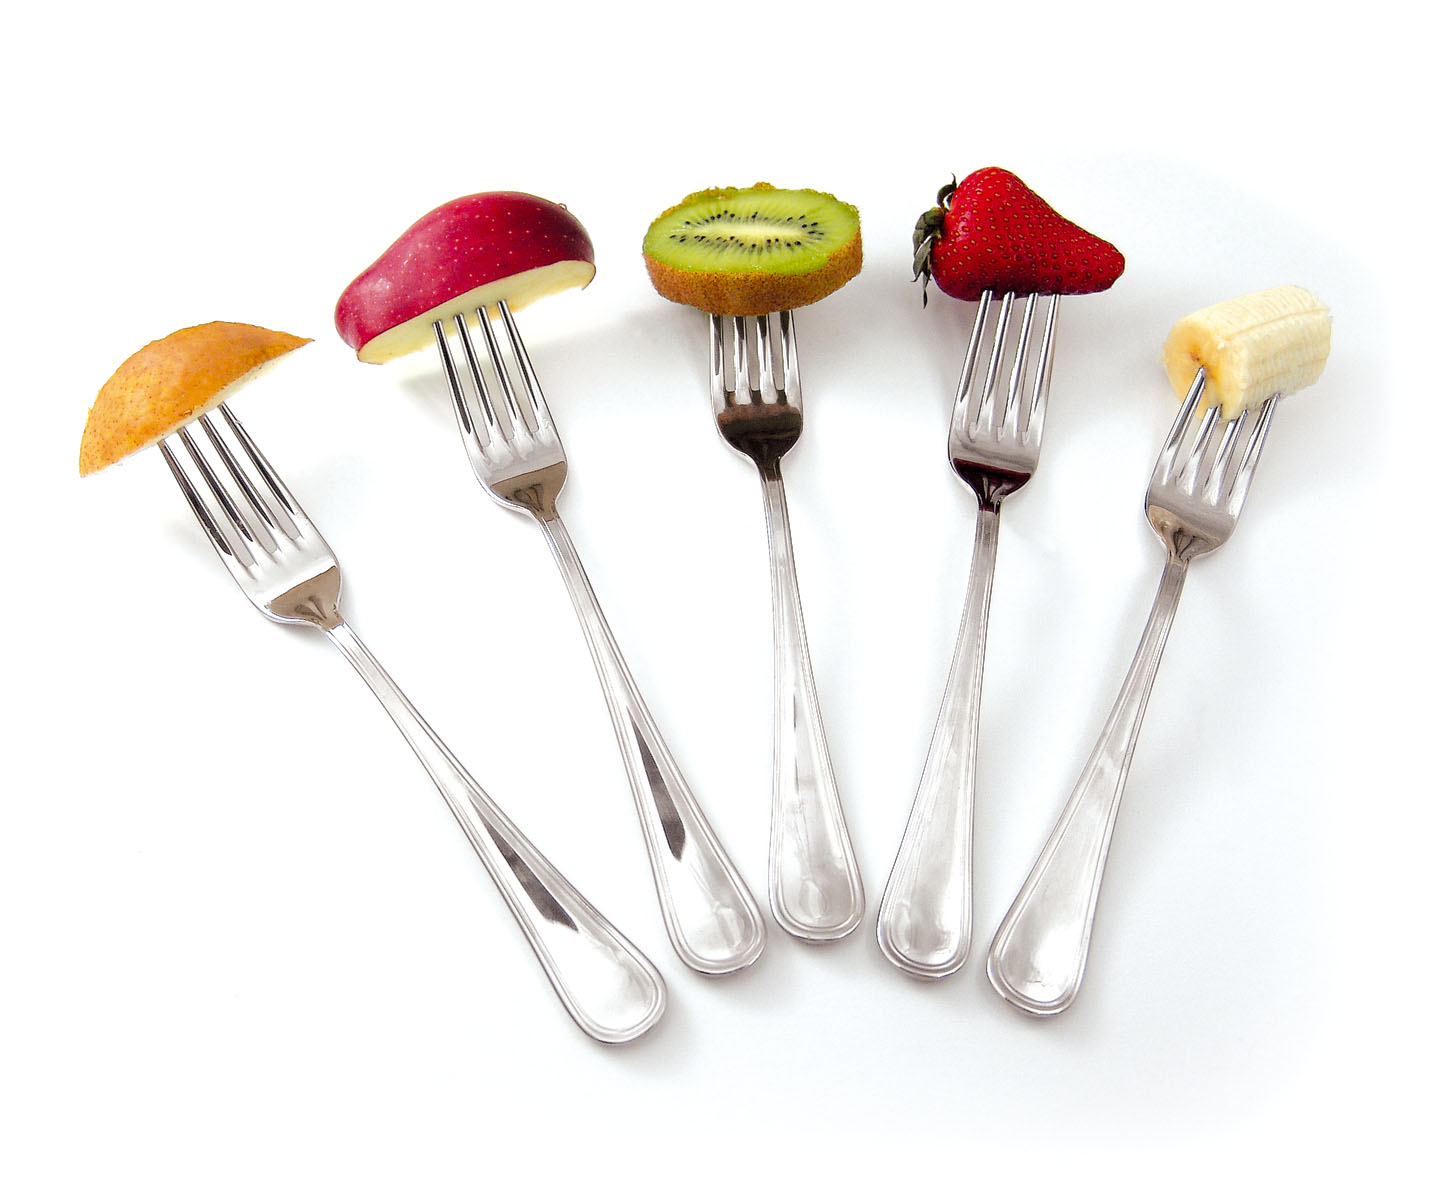 dieta-depurativa-della-frutta-OTM8